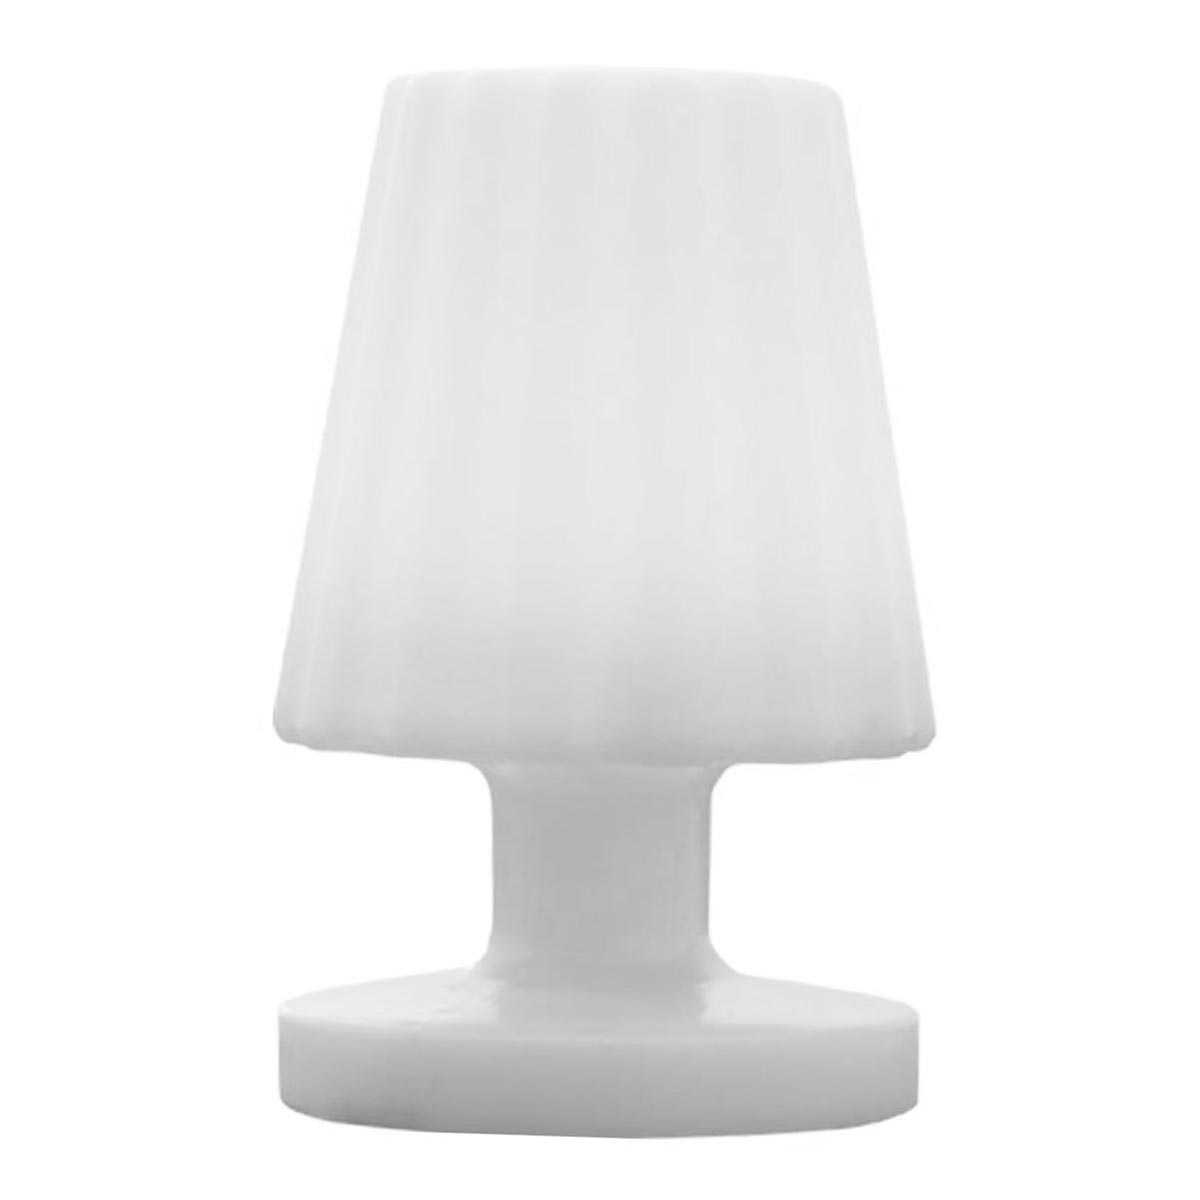 Lampe de table sans fil LADY MINI blanc en plastique 22cm